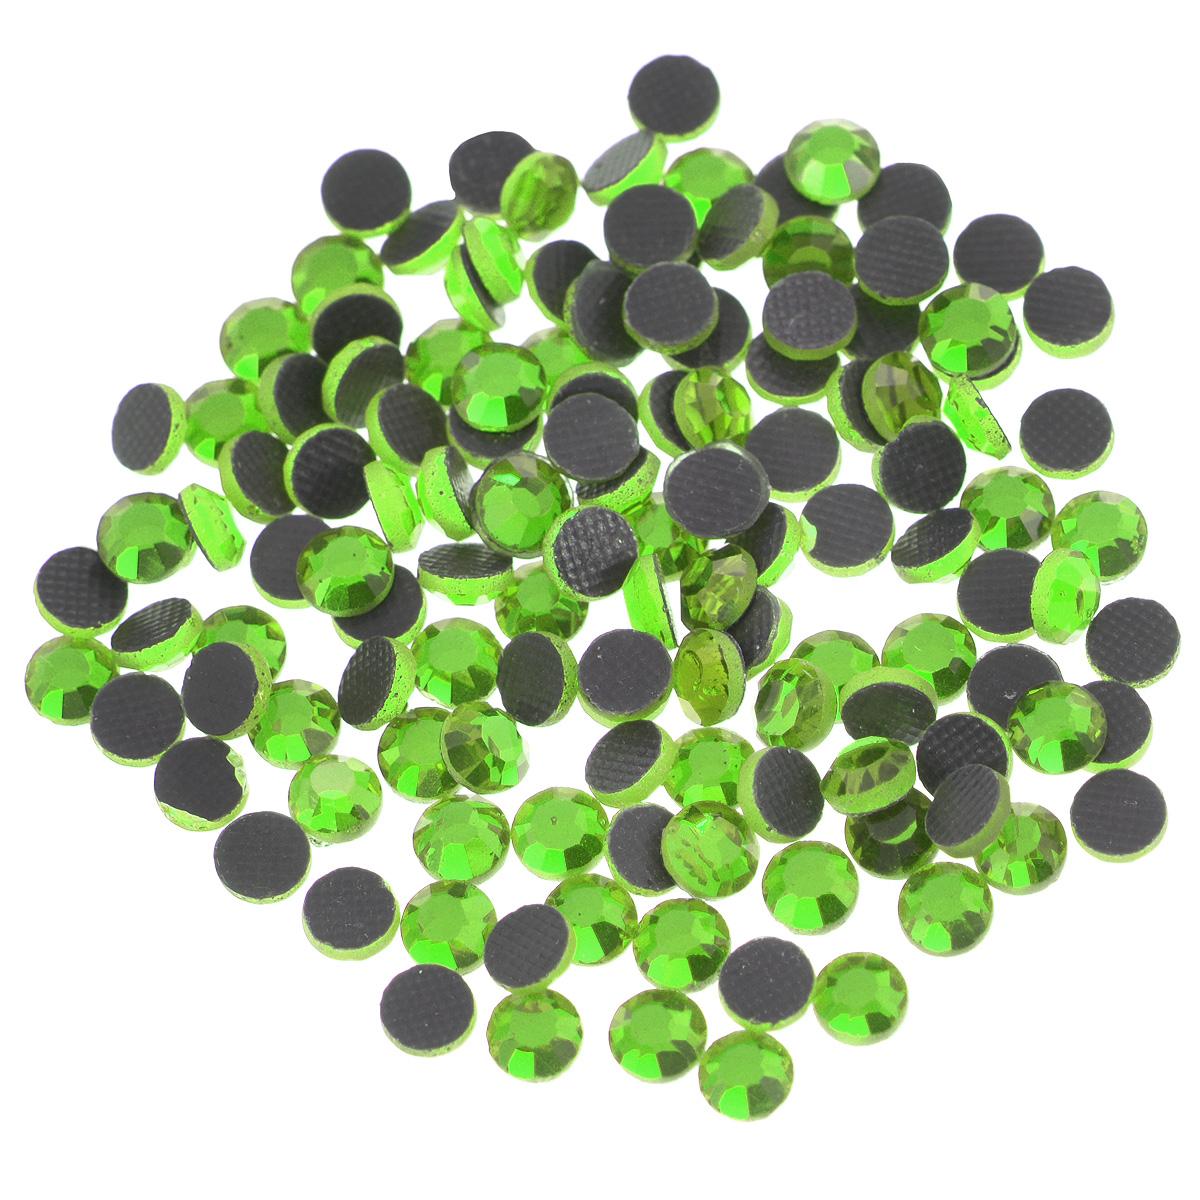 Стразы термоклеевые Cristal, цвет: светло-зеленый (214), диаметр 4 мм, 144 шт7706831_214Набор термоклеевых страз Cristal, изготовленный из высококачественного акрила, позволит вам украсить одежду, аксессуары или текстиль. Яркие стразы имеют плоское дно и круглую поверхность с гранями.Дно термоклеевых страз уже обработано особым клеем, который под воздействием высоких температур начинает плавиться, приклеиваясь, таким образом, к требуемой поверхности. Чаще всего их используют в текстильной промышленности: стразы прикладывают к ткани и проглаживают утюгом с обратной стороны. Также можно использовать специальный паяльник. Украшение стразами поможет сделать любую вещь оригинальной и неповторимой. Диаметр стразы: 4 мм.